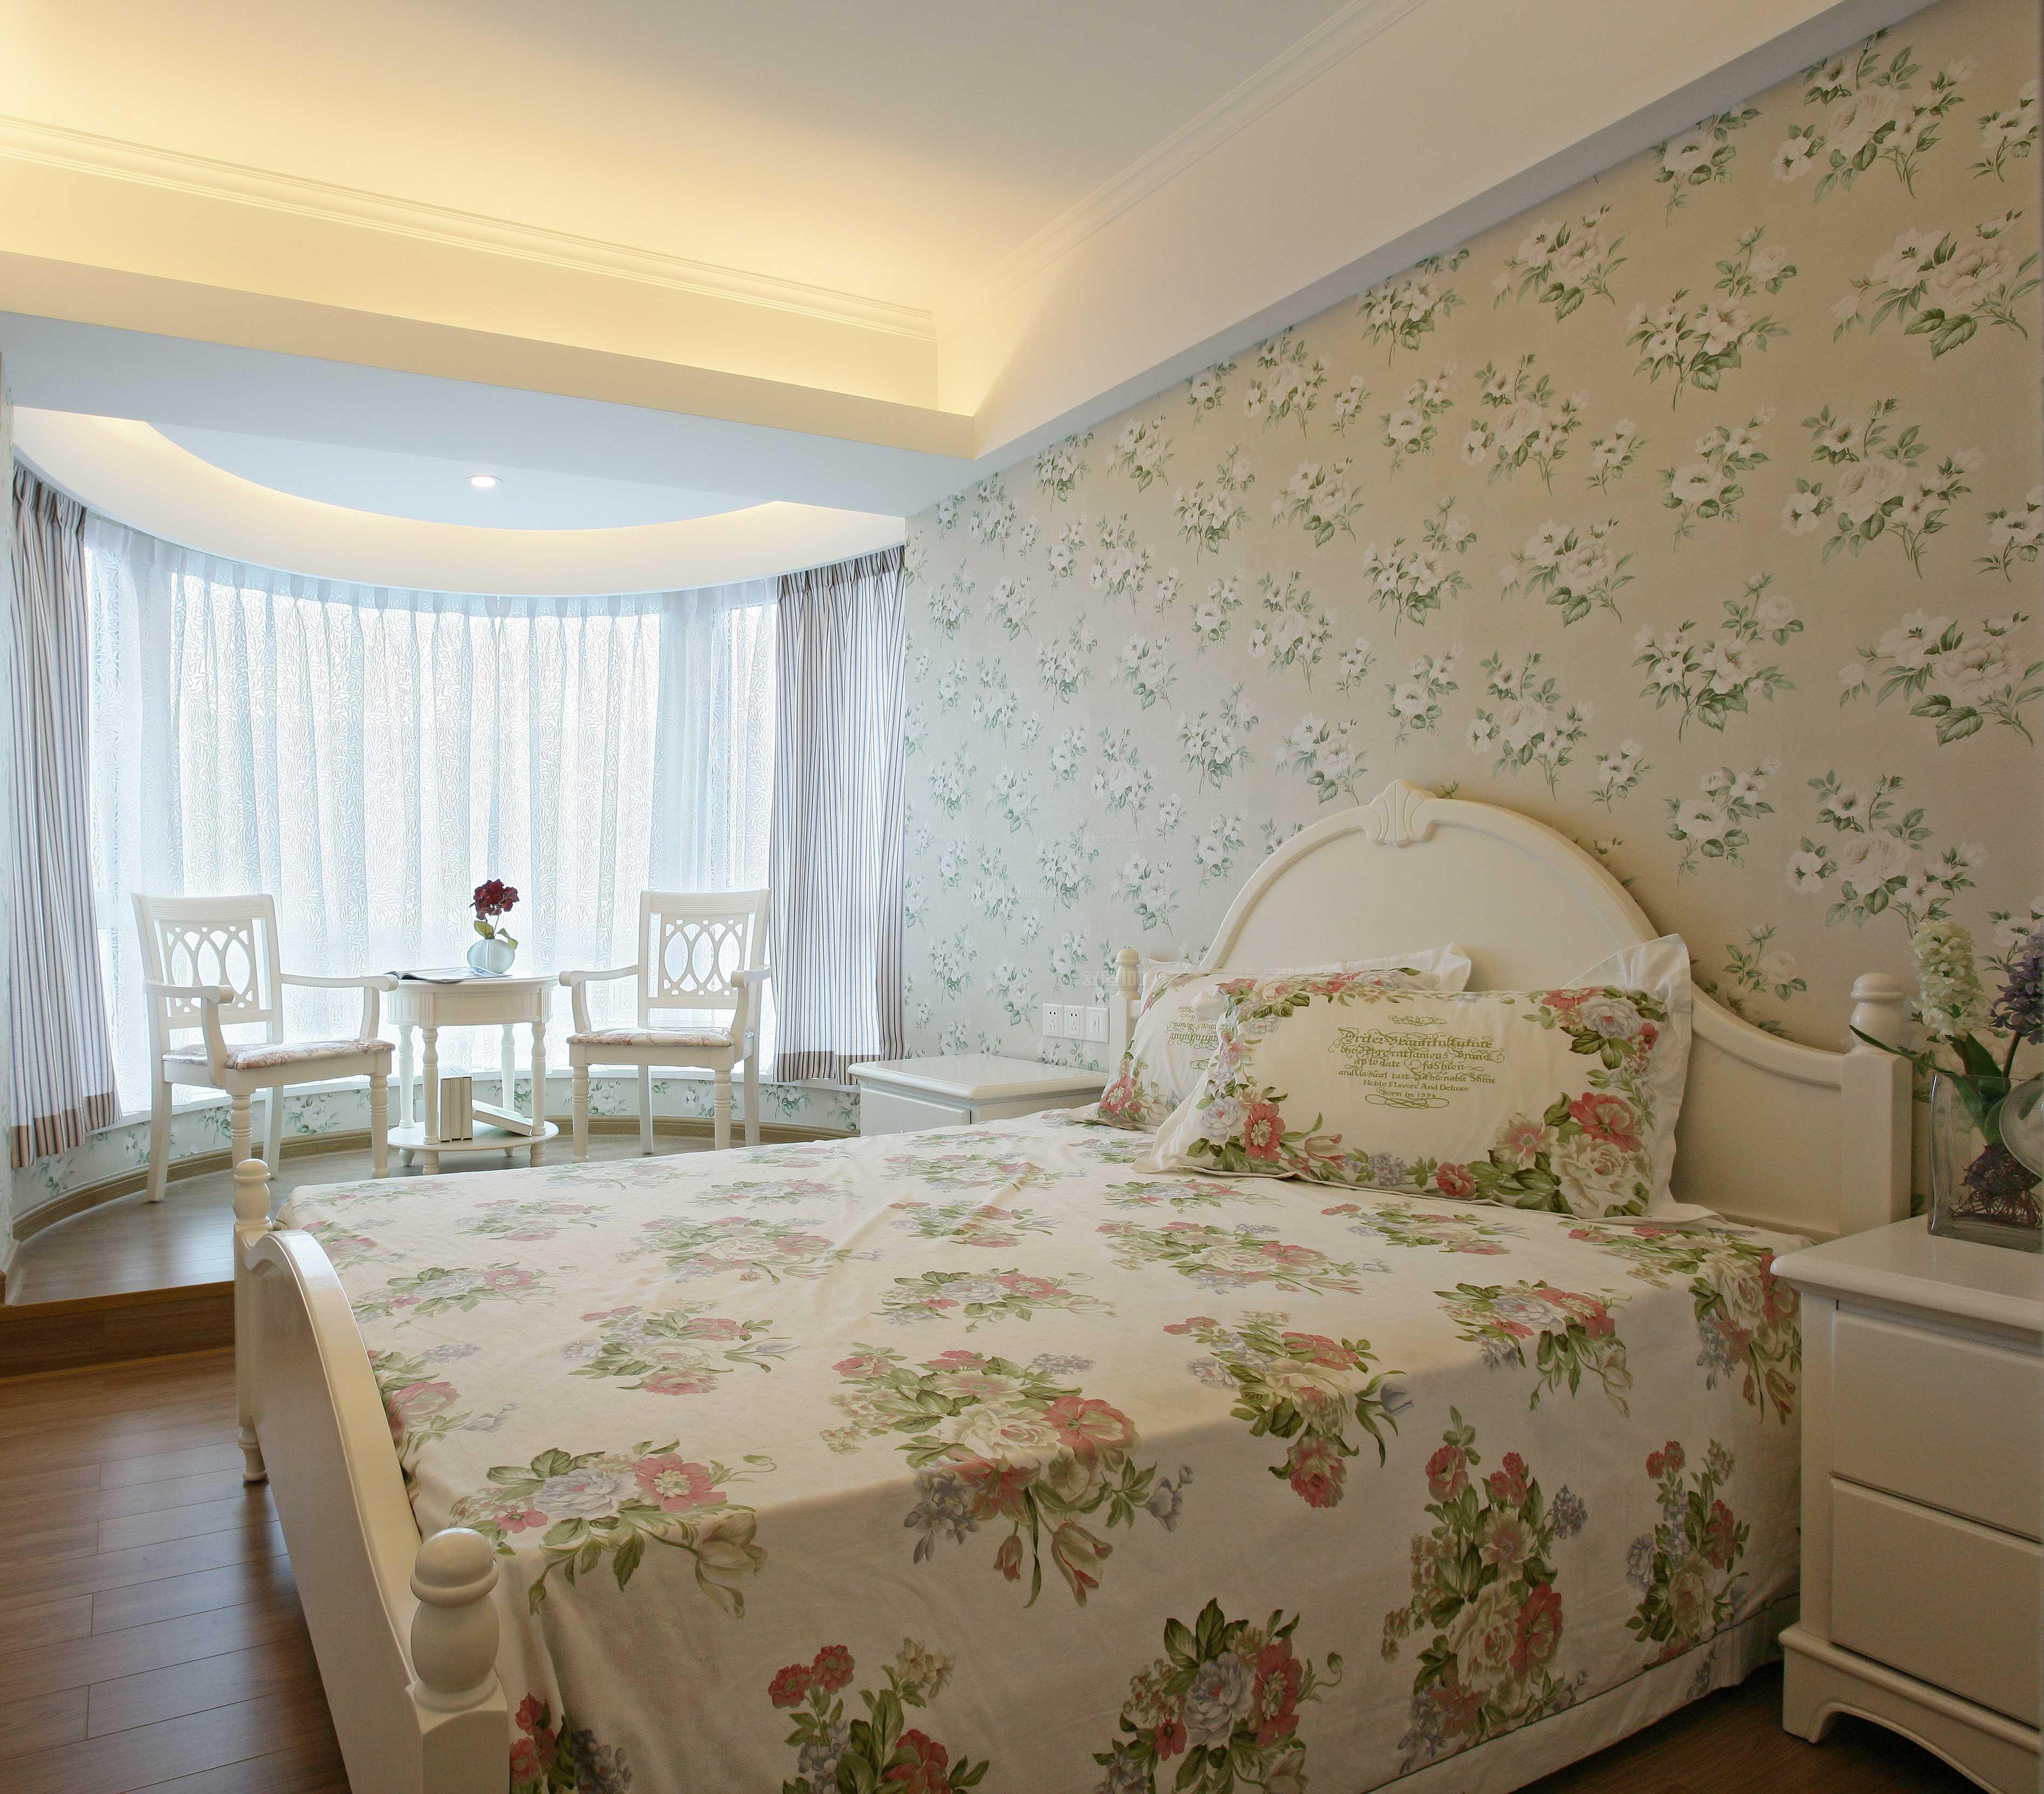 墙纸和墙布的优缺点,墙纸墙布的优点介绍